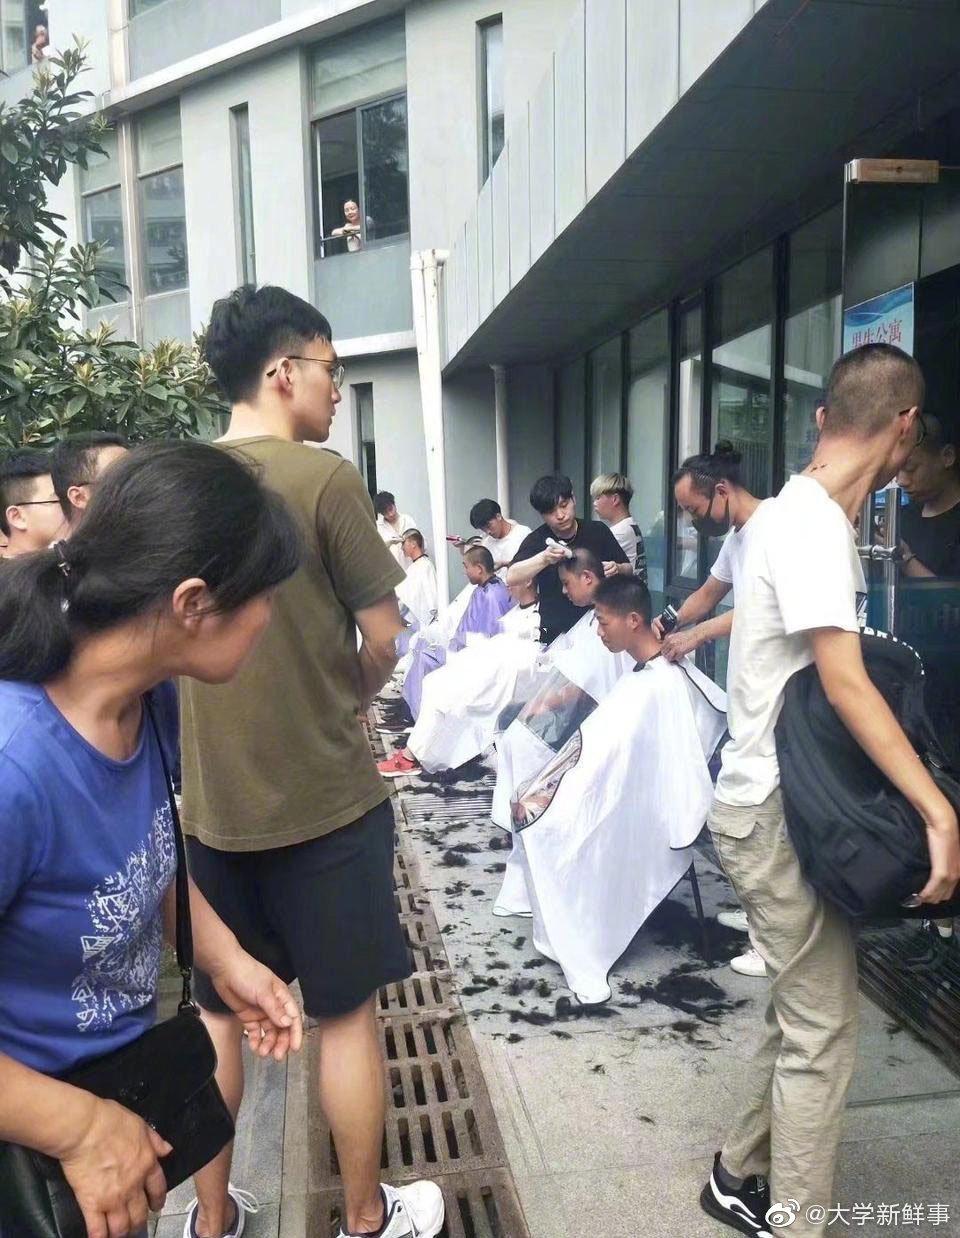 南京理工大学军训,学校统一安排剃小平头,30秒剃一个,3元钱